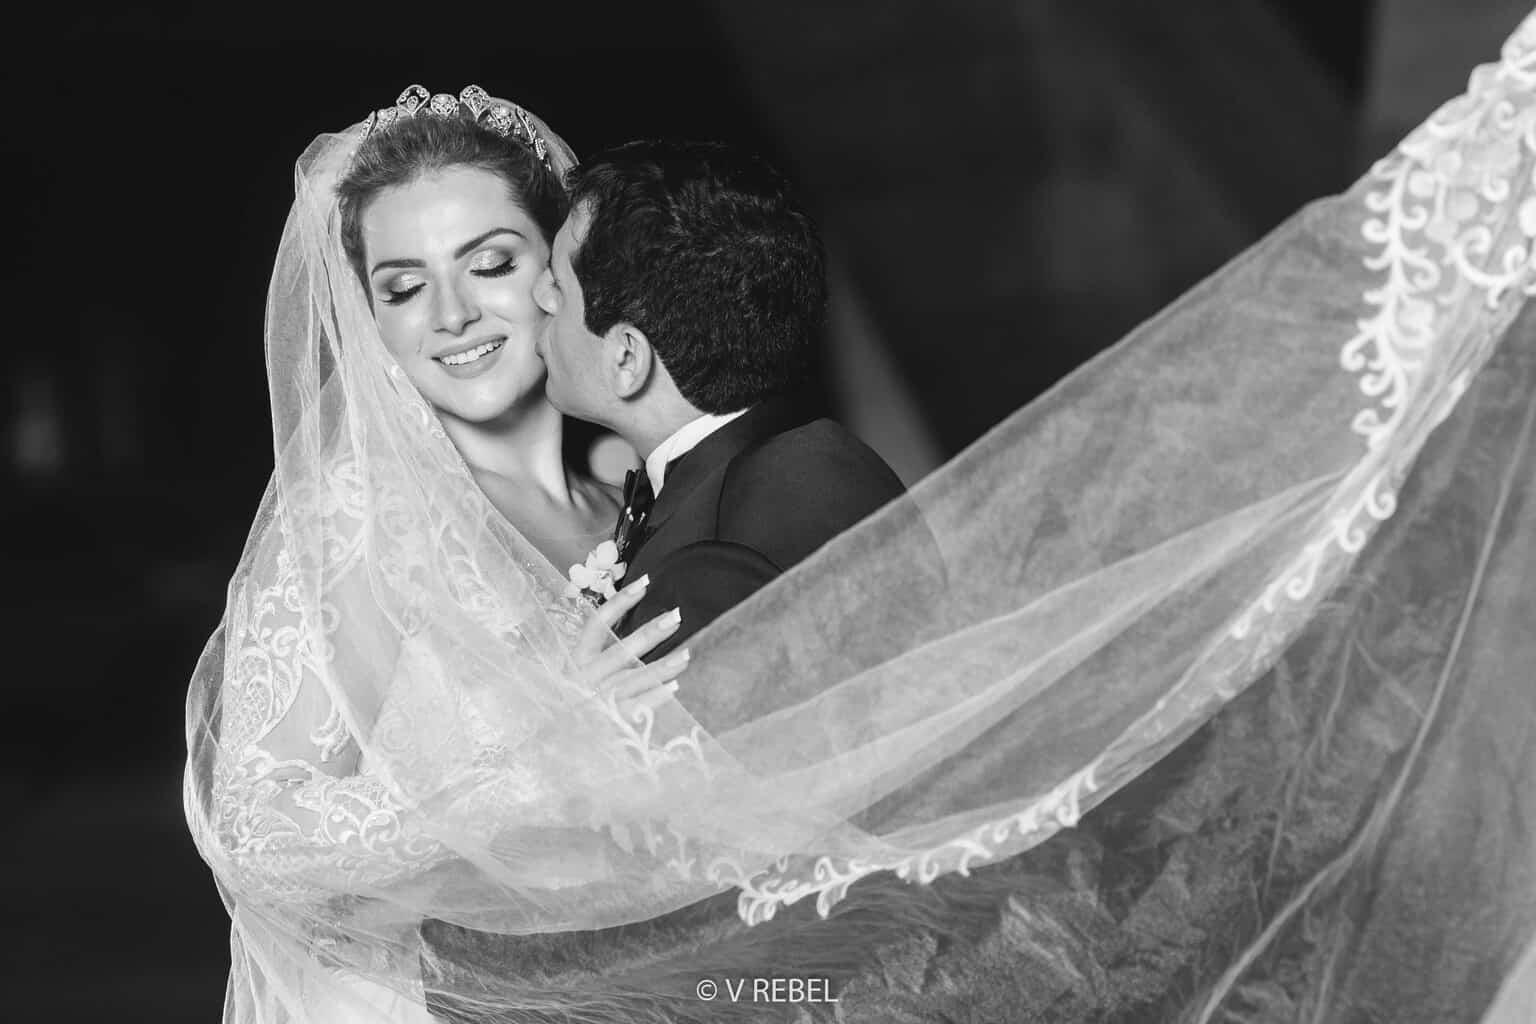 casamento-Caroline-e-Breno-casamento-clássico-foto-do-casal-fotografia-VRebel67